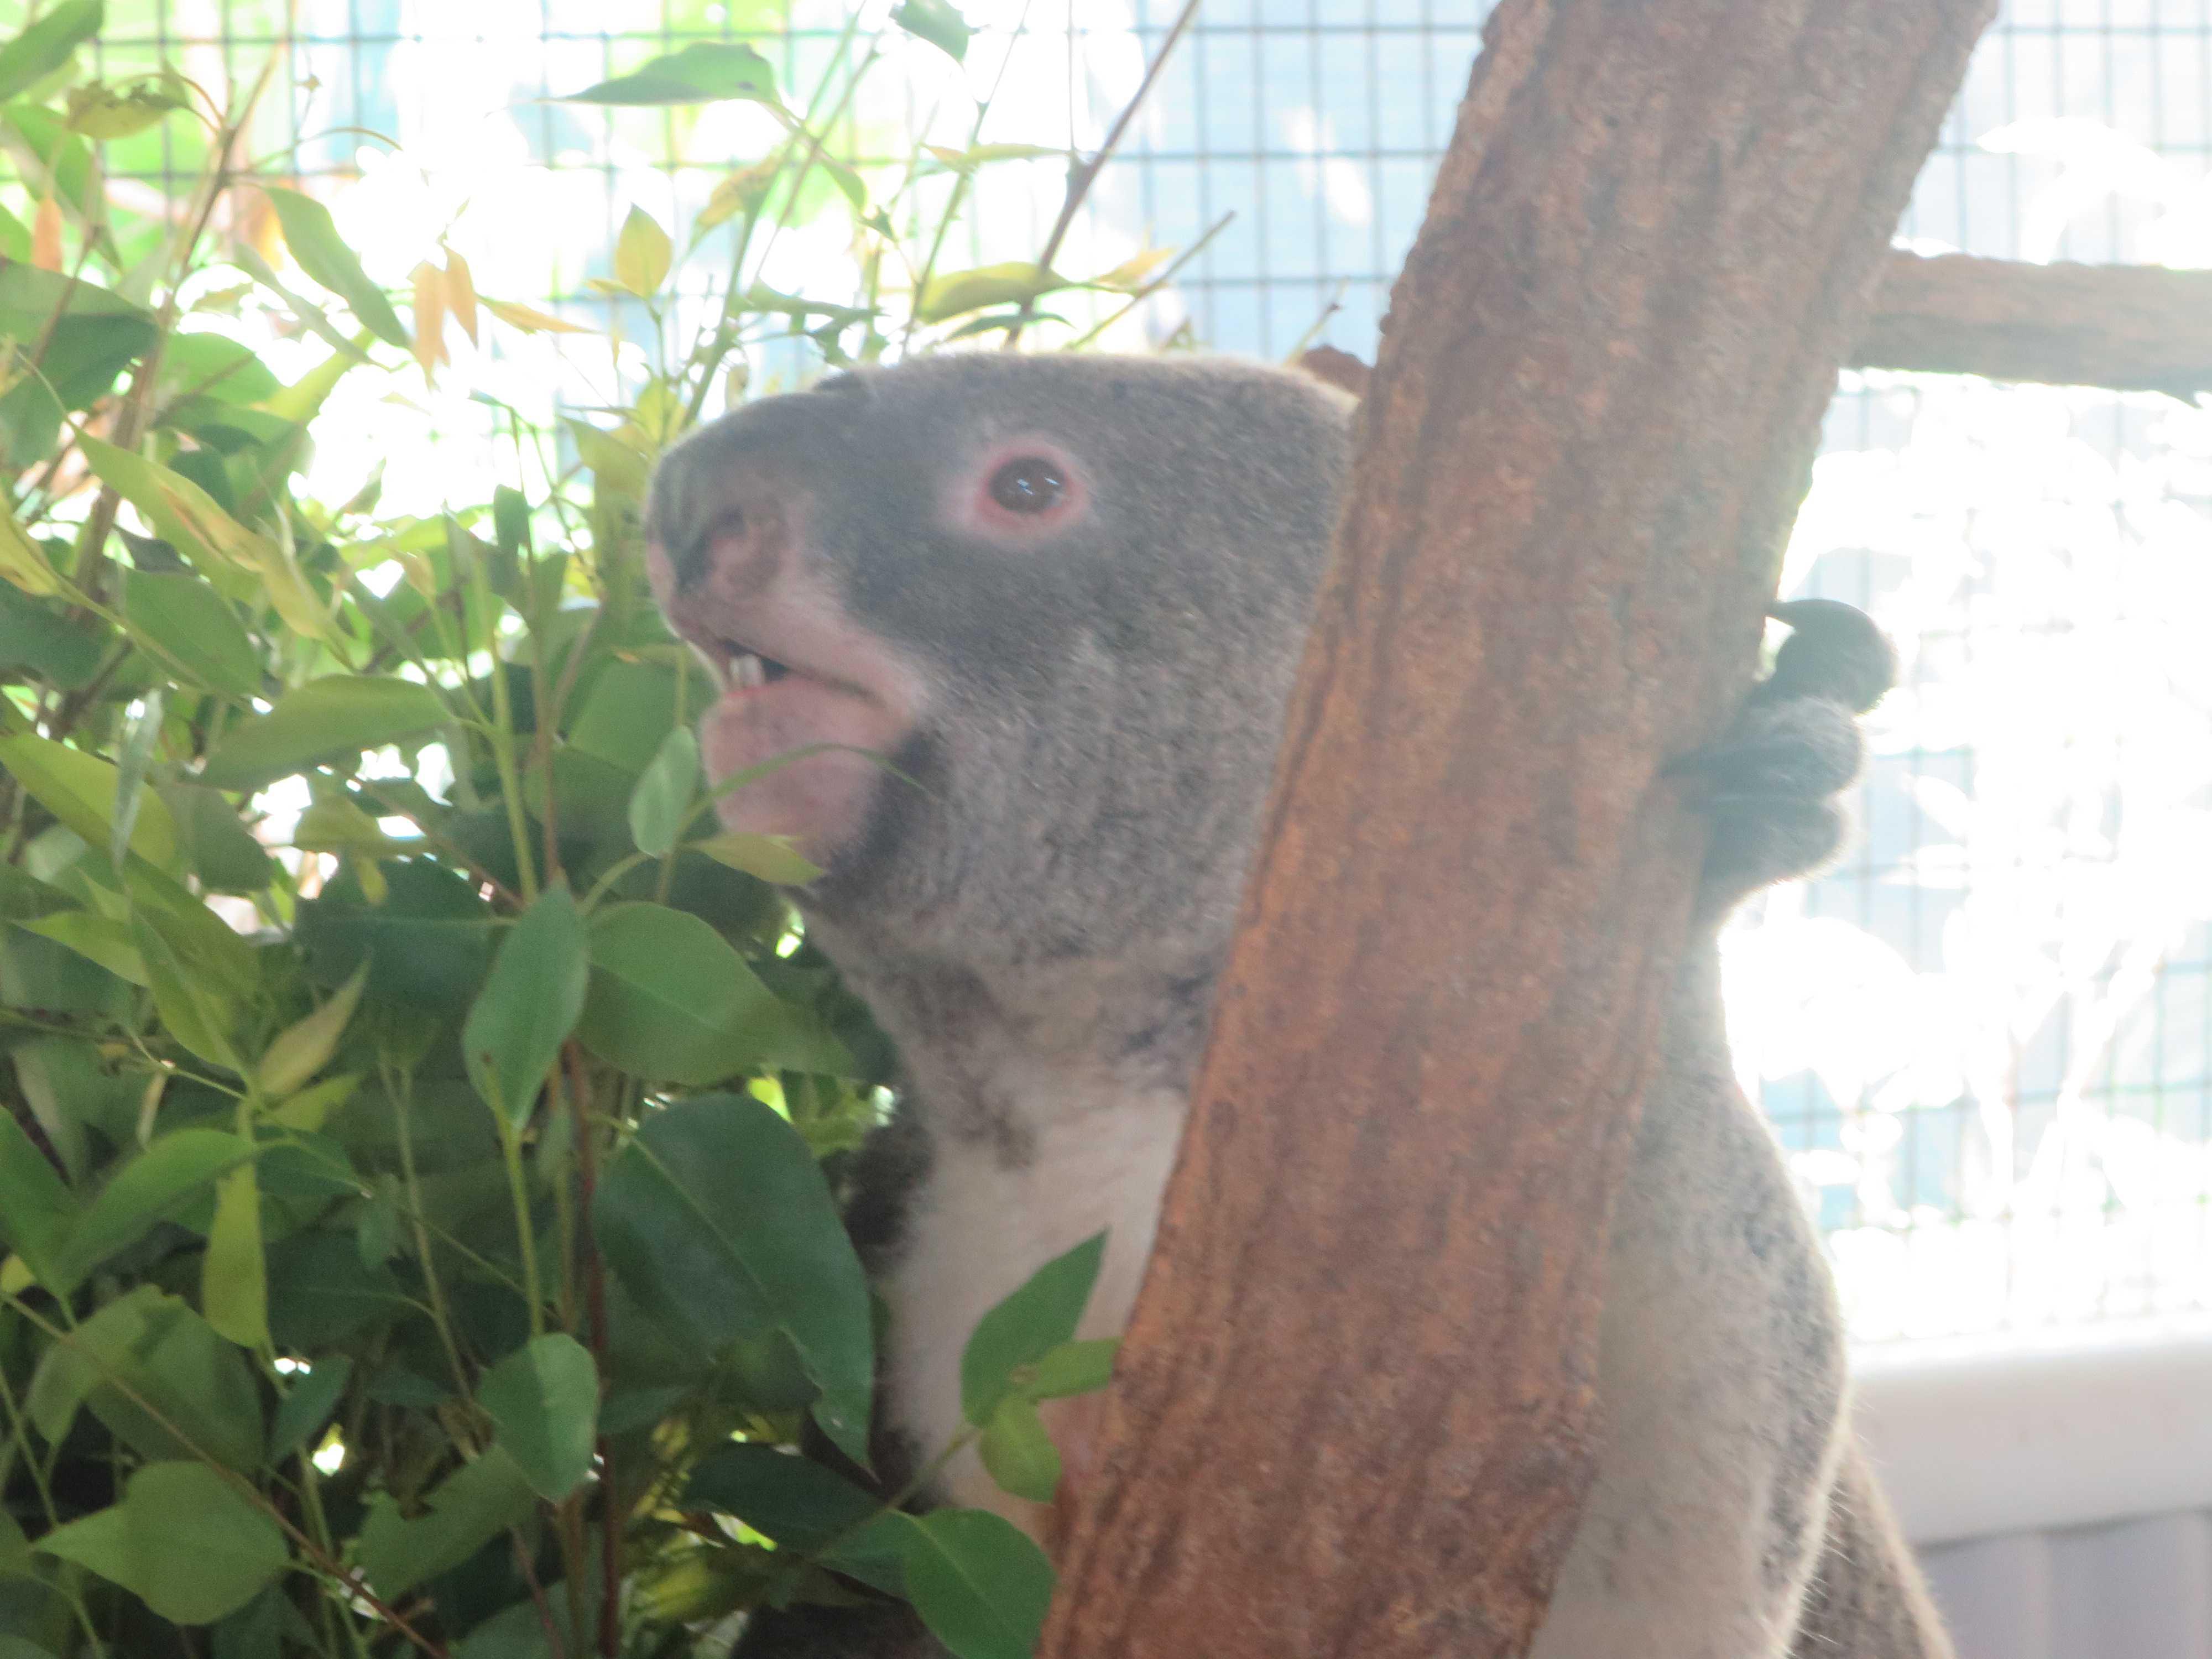 コアラ達の未来は私達の手に委ねられている